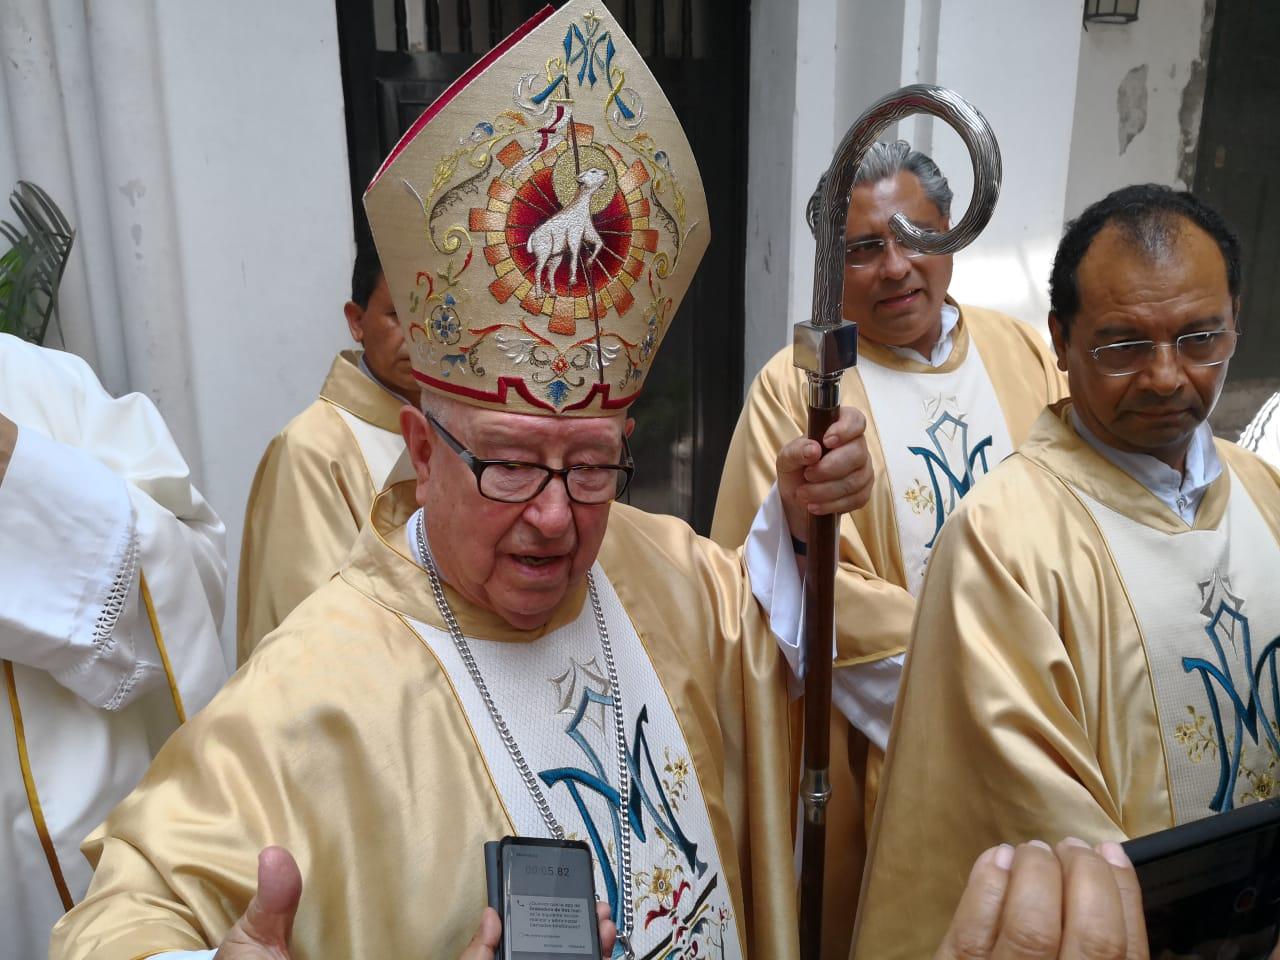 Cardenal Obeso señala a víctimas de pederastia, tienen